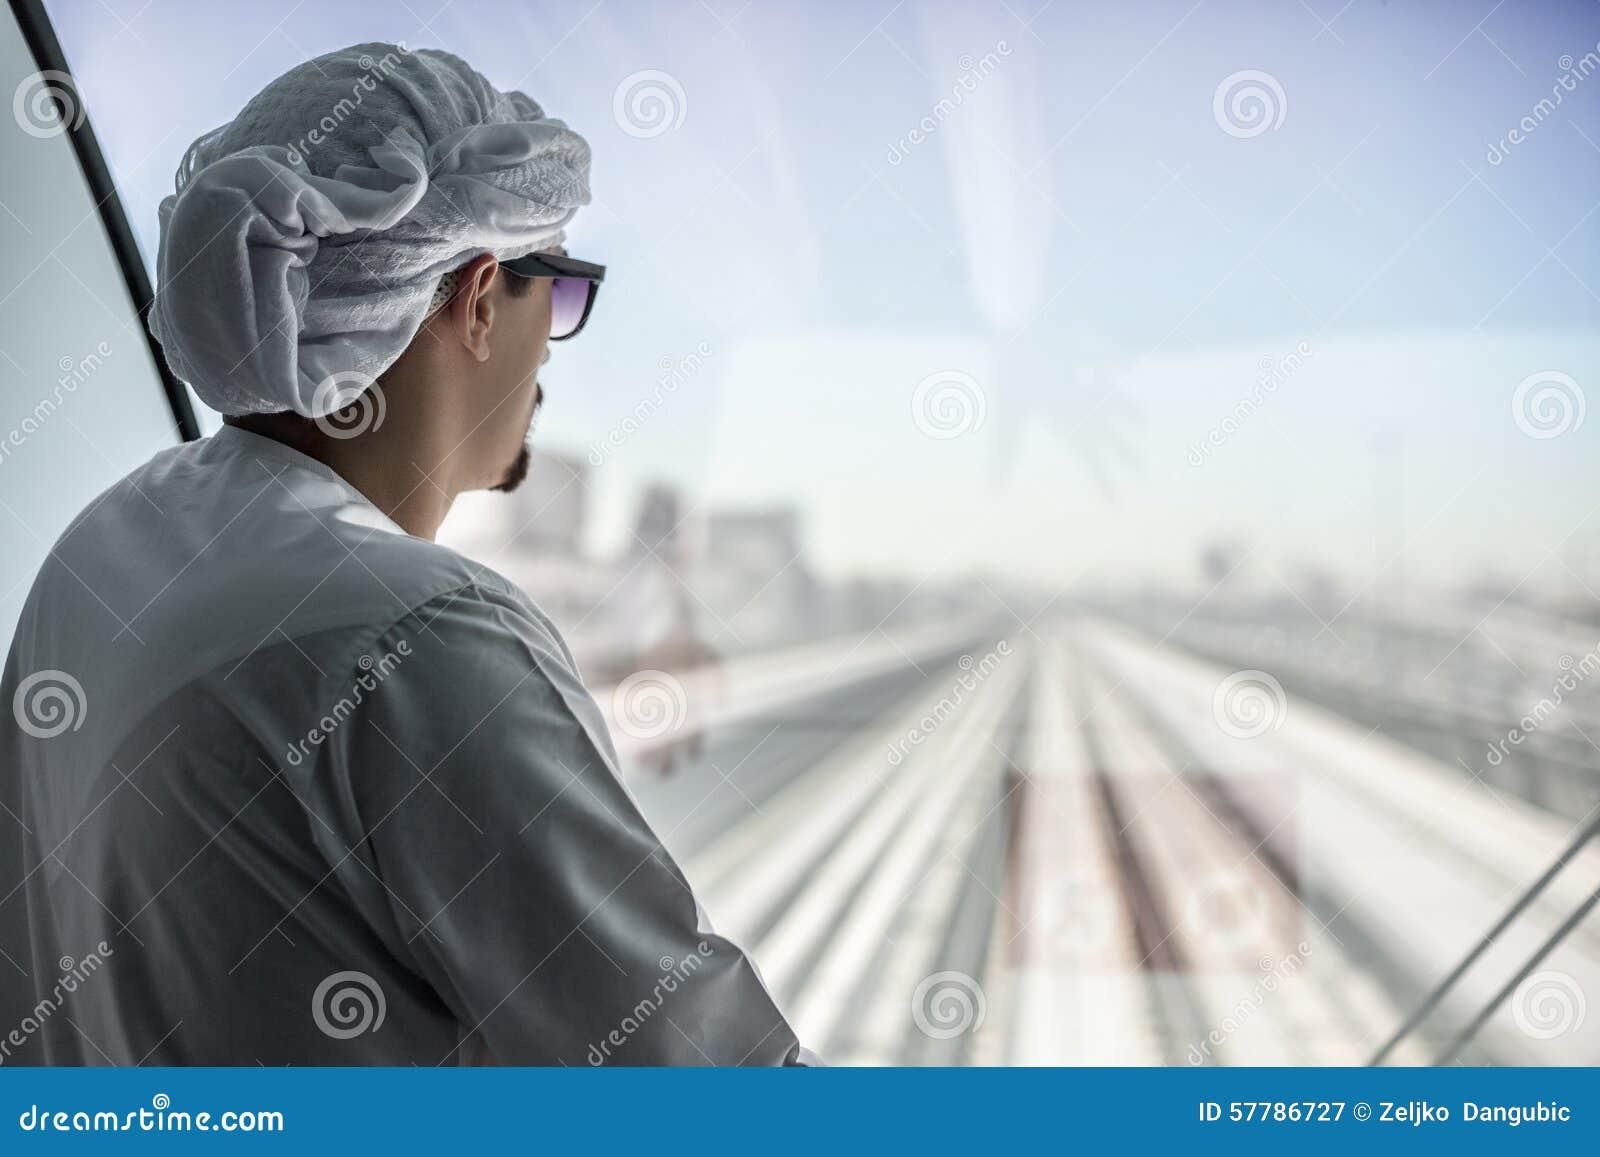 拉伯男人的性功能_在地铁火车的英俊的阿拉伯男性.